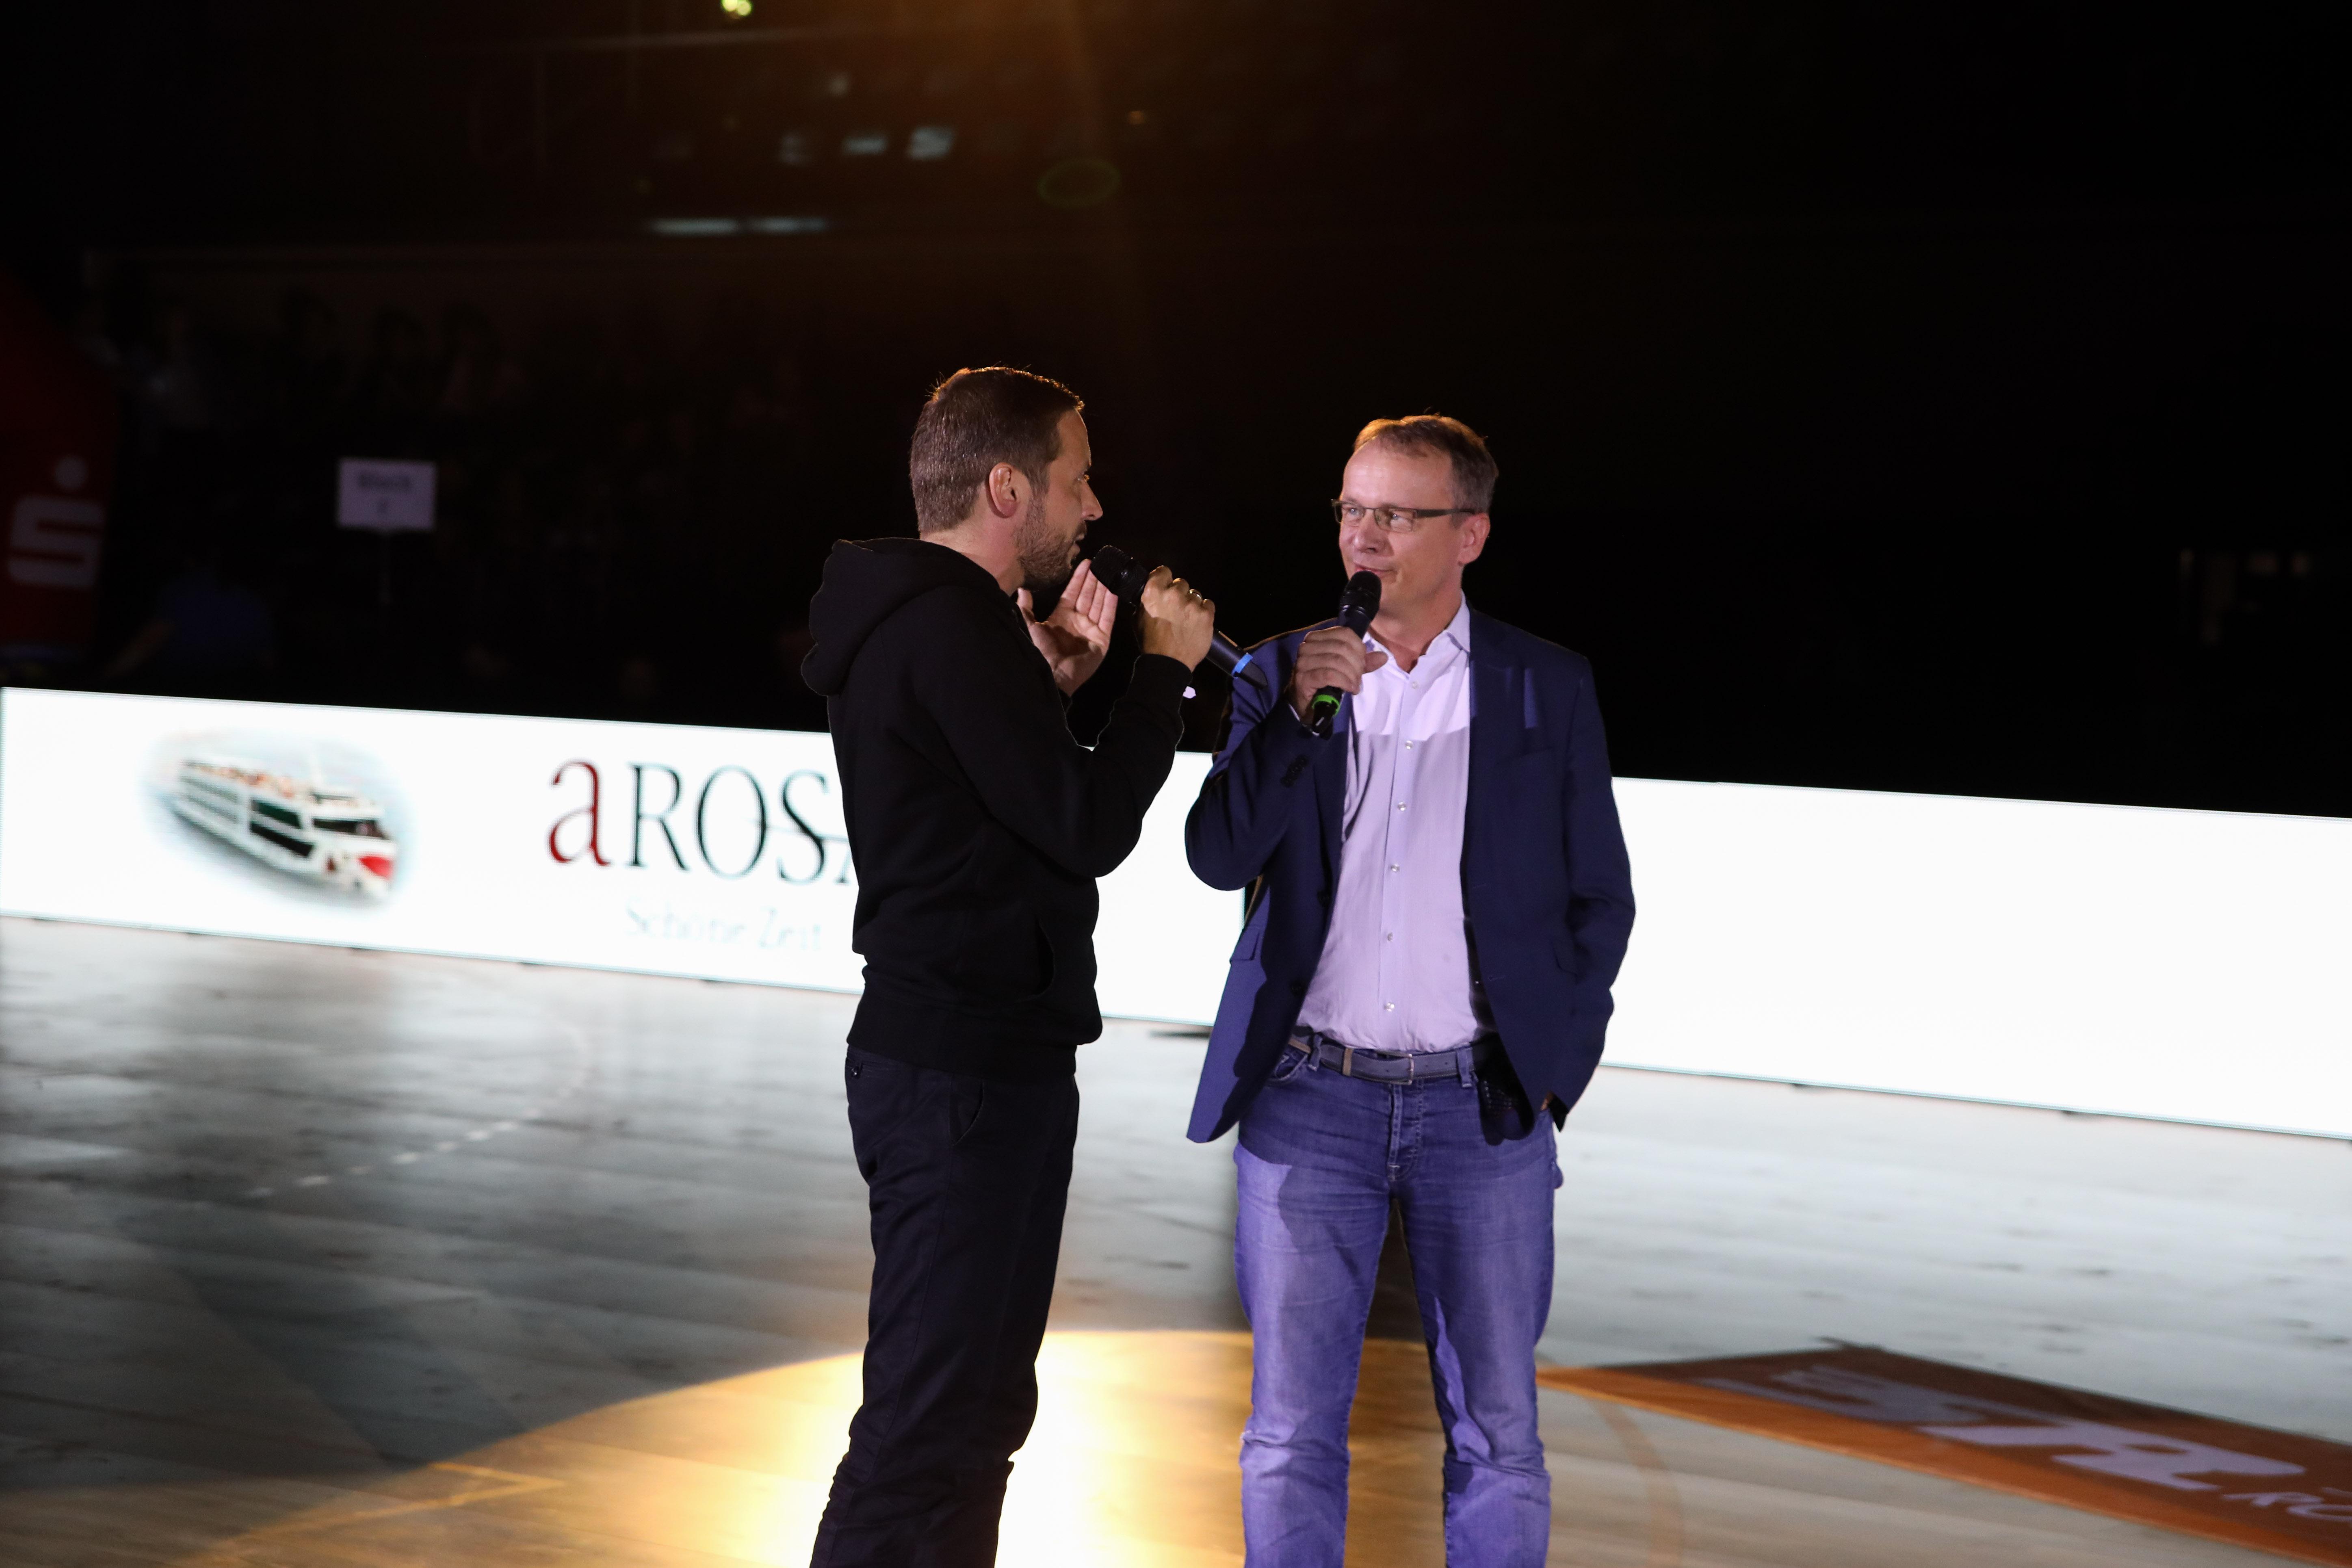 -ROSA Geschäftsführer Jörg Eichler (r.) im Gespräch mit Tobias Woitendorf vom HCE zum A-ROSA Engagement